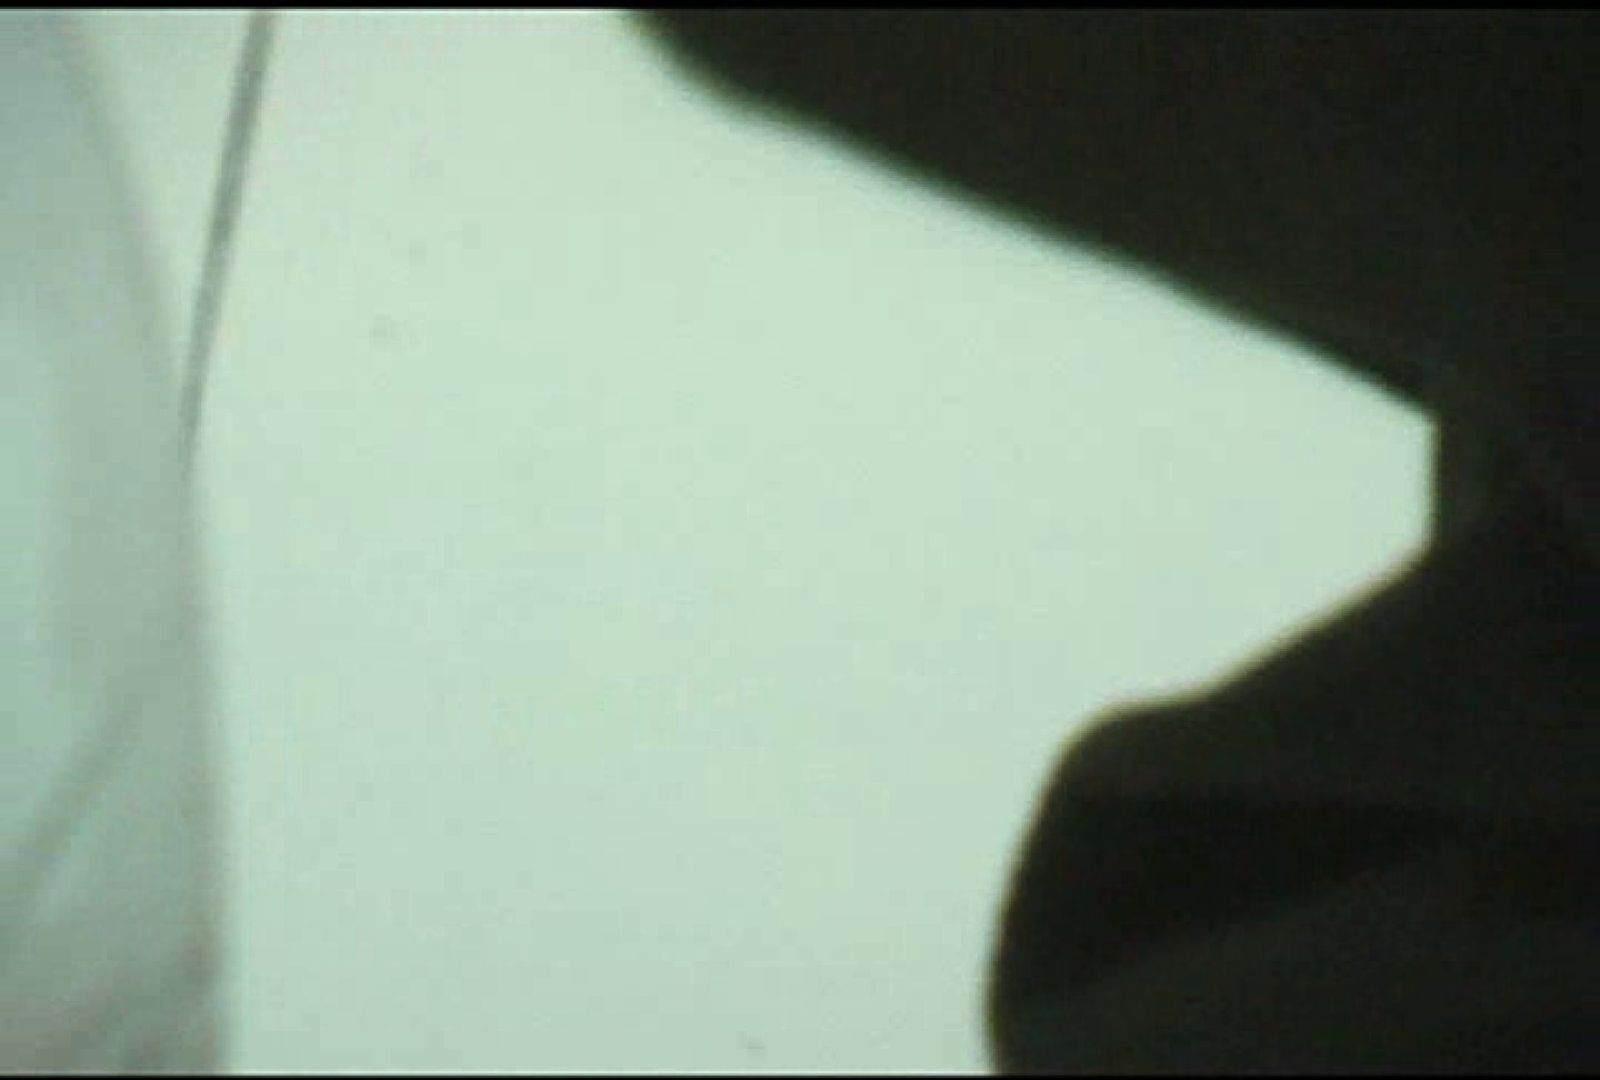 マンコ丸見え女子洗面所Vol.52 無修正マンコ のぞき動画画像 105PIX 43